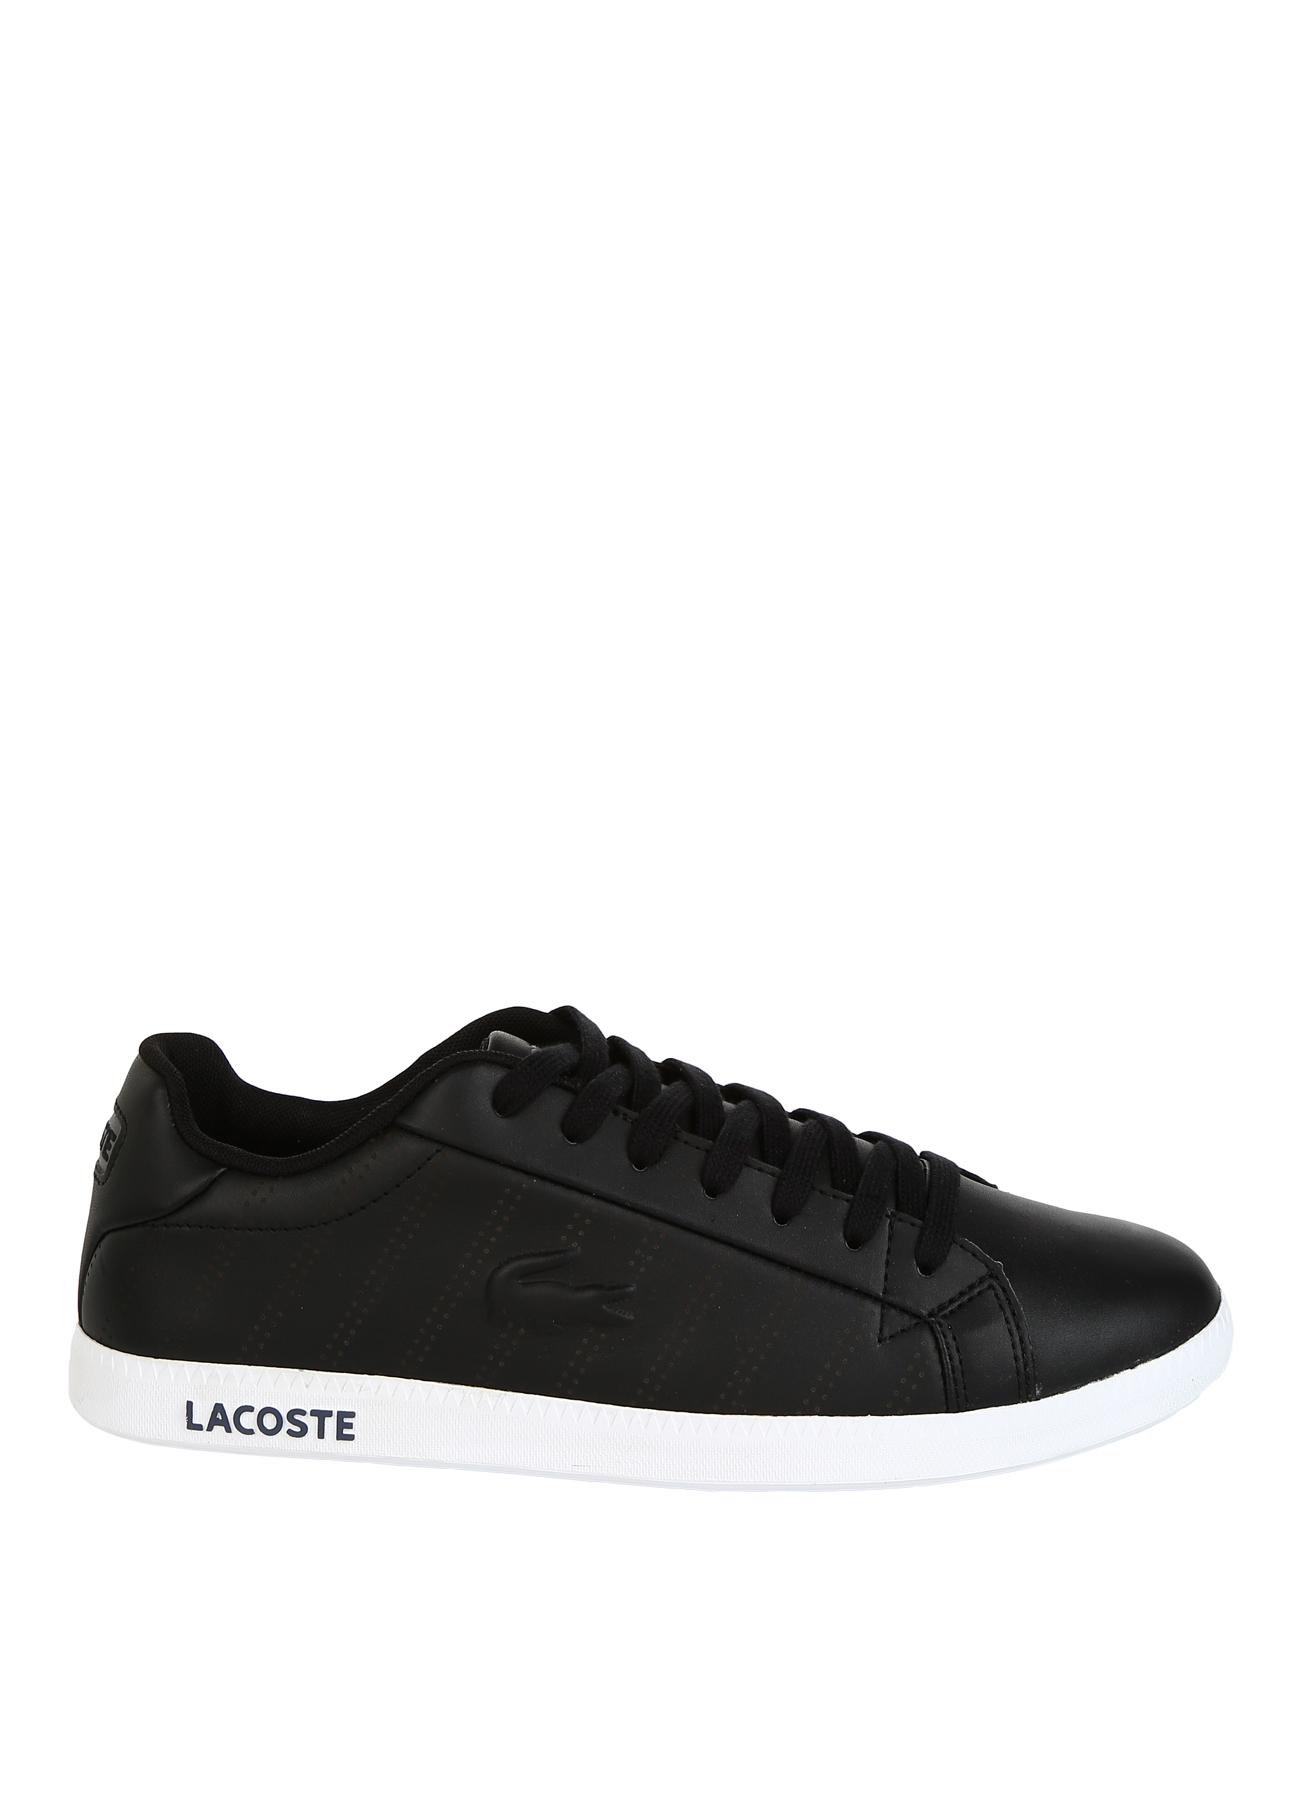 Lacoste Erkek Deri Lacivert Lifestyle Ayakkabı 42 5002314254004 Ürün Resmi